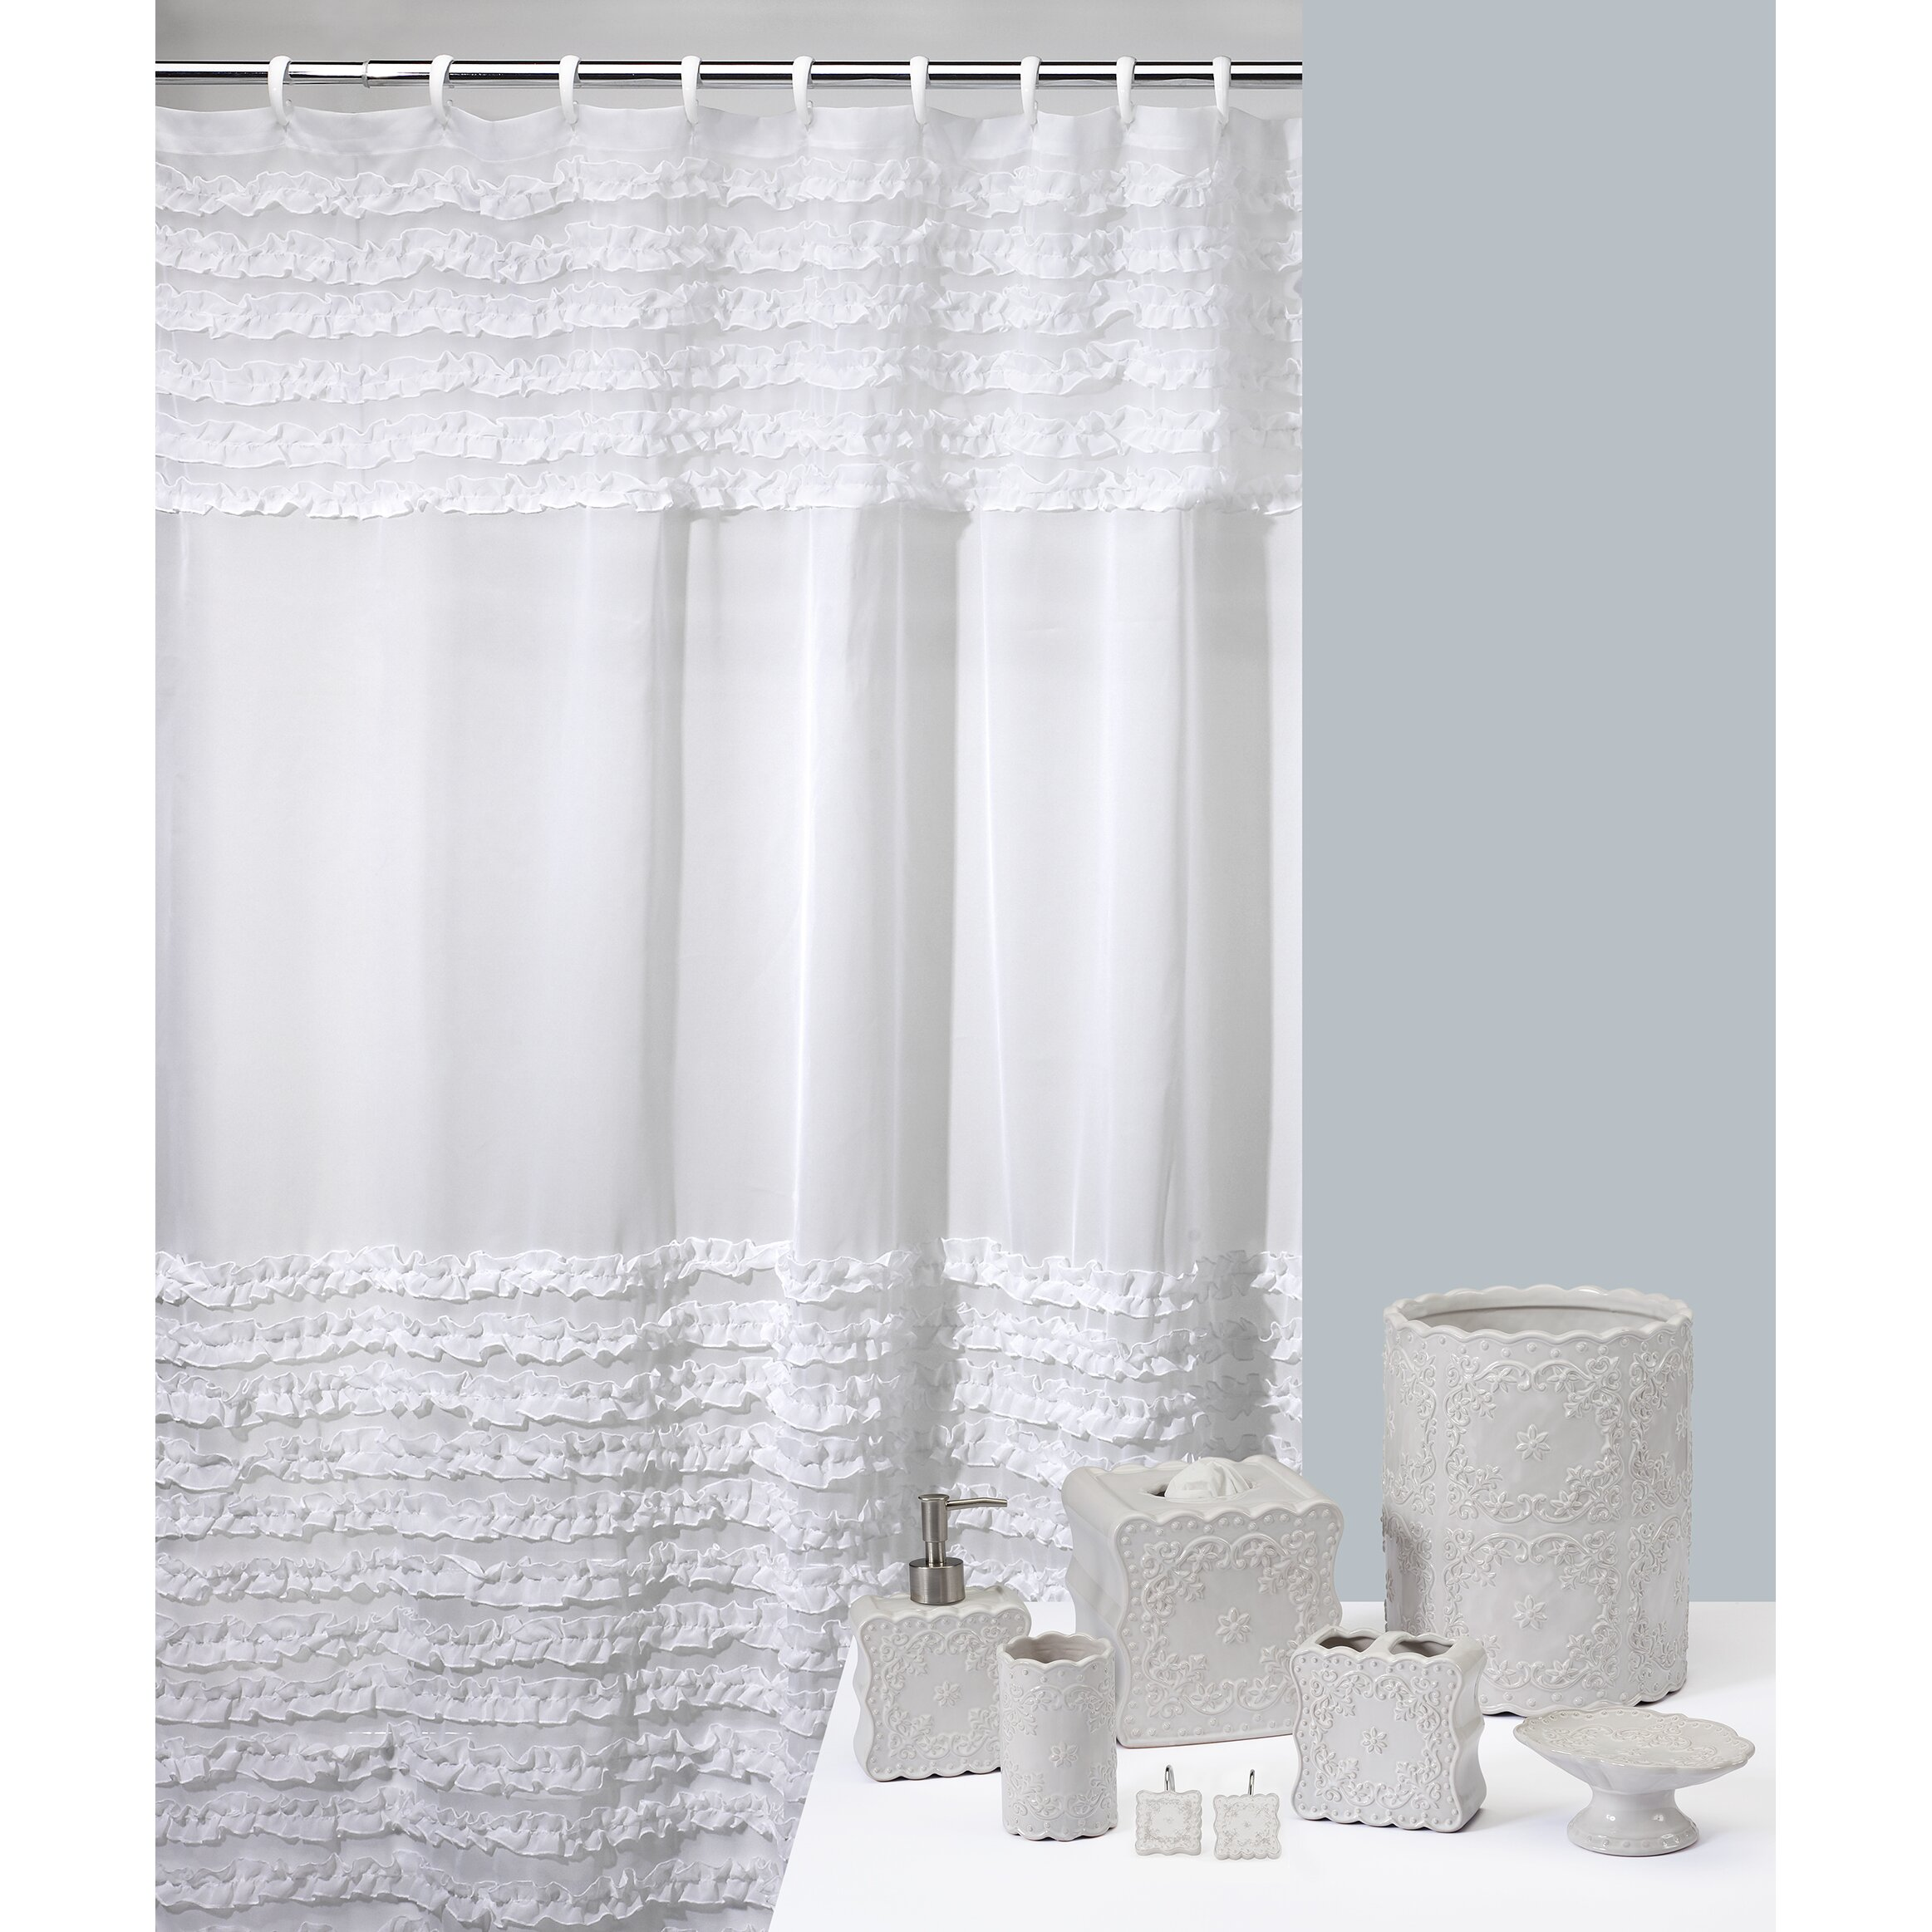 creative bath ruffles polyester shower curtain amp reviews creative bath poinsetta shower curtain ebay